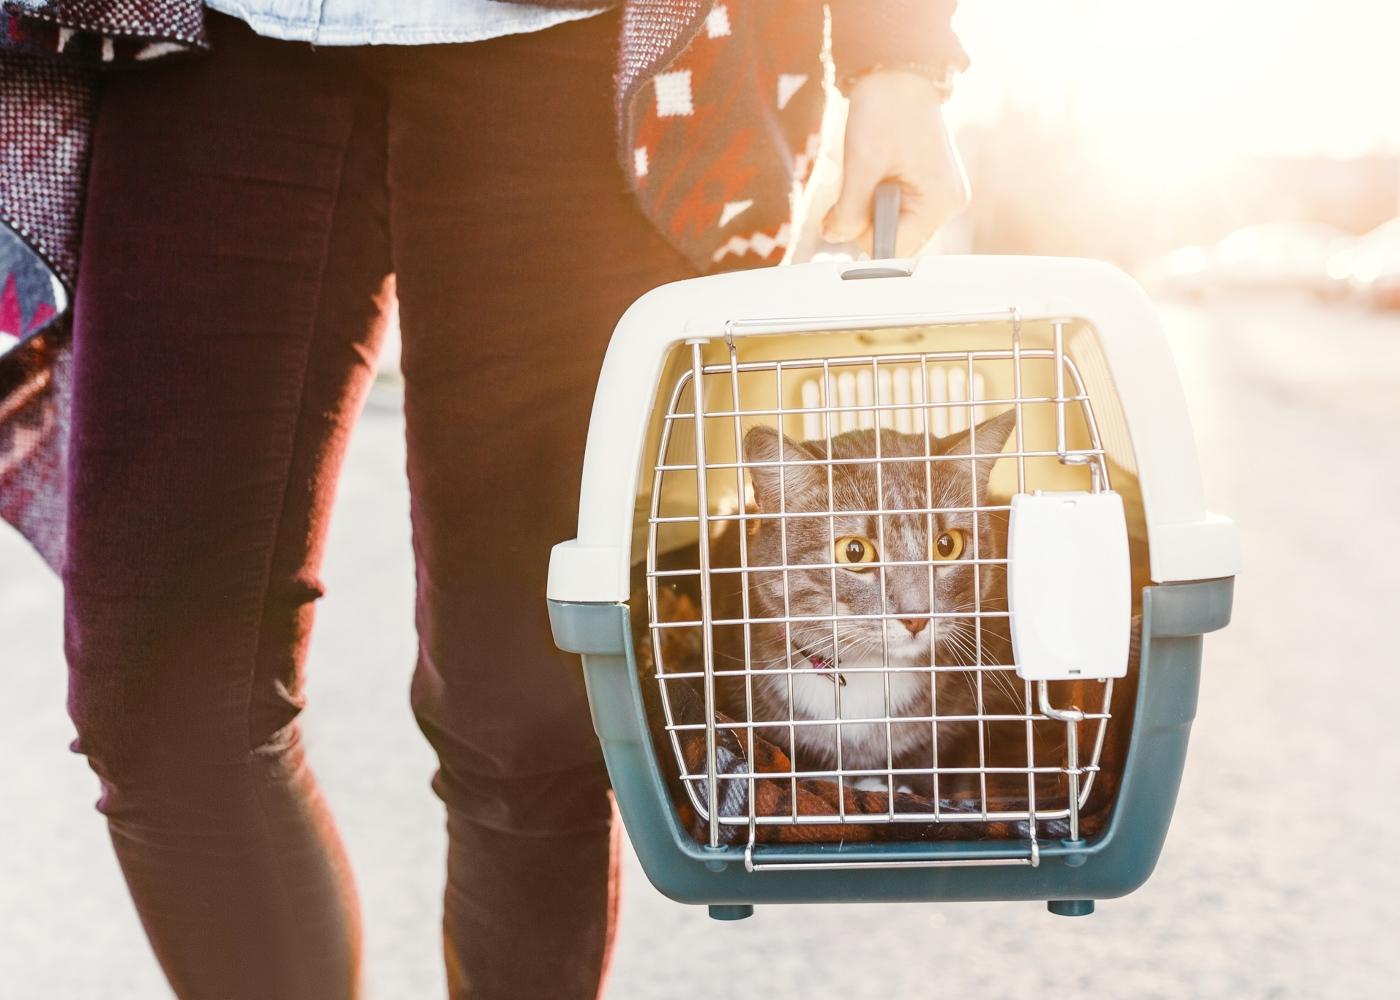 Idas ao veterinário: mulher a levar gato ao veterinário numa situação urgente